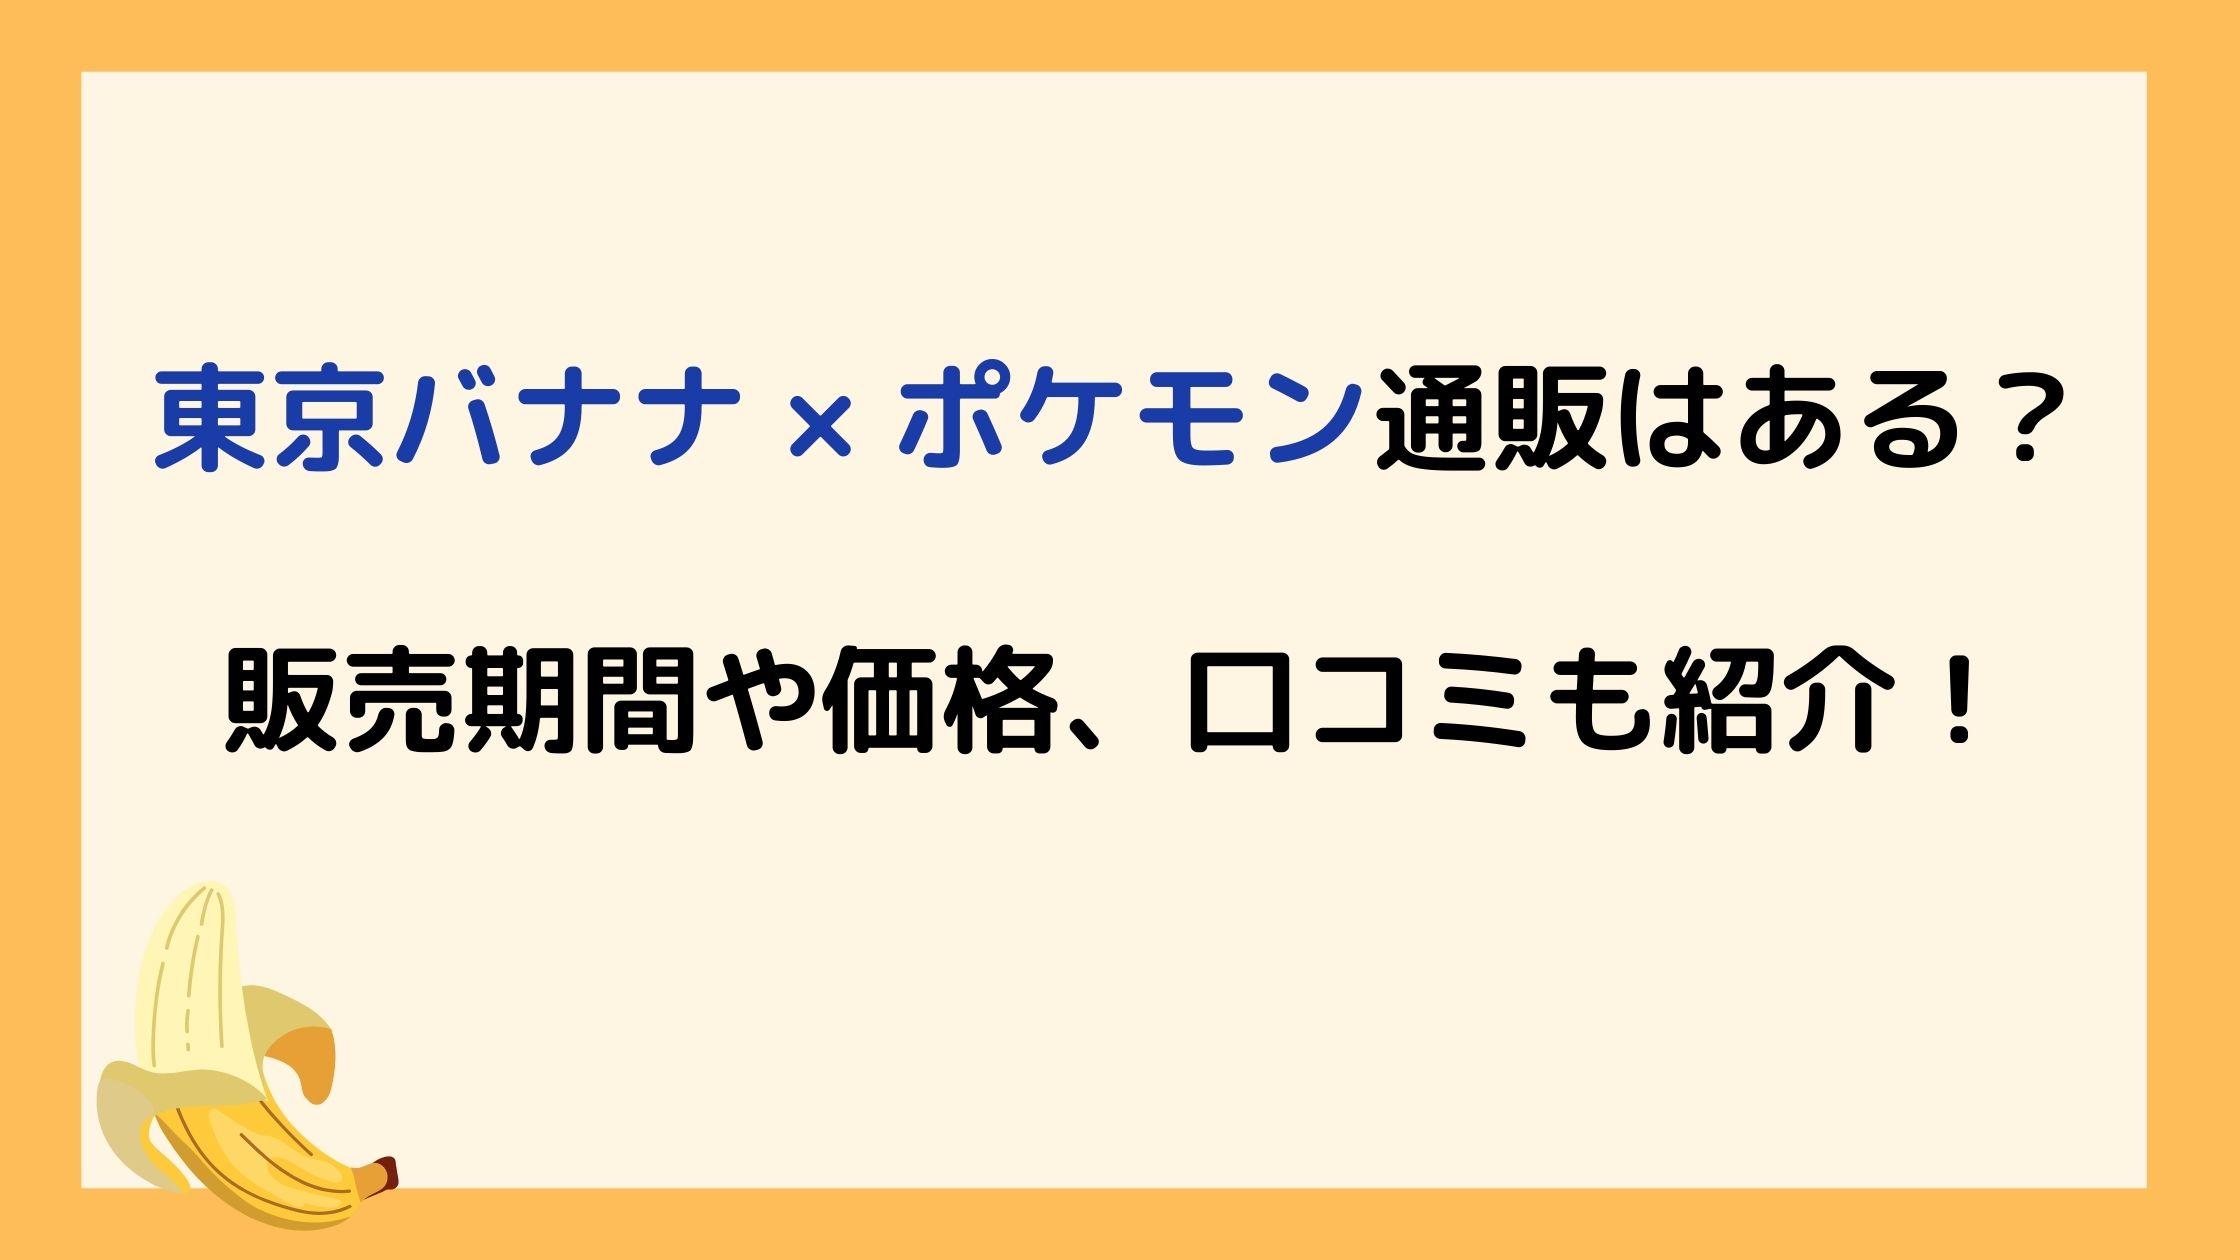 東京バナナポケモン通販はある?販売期間や価格、口コミも紹介!